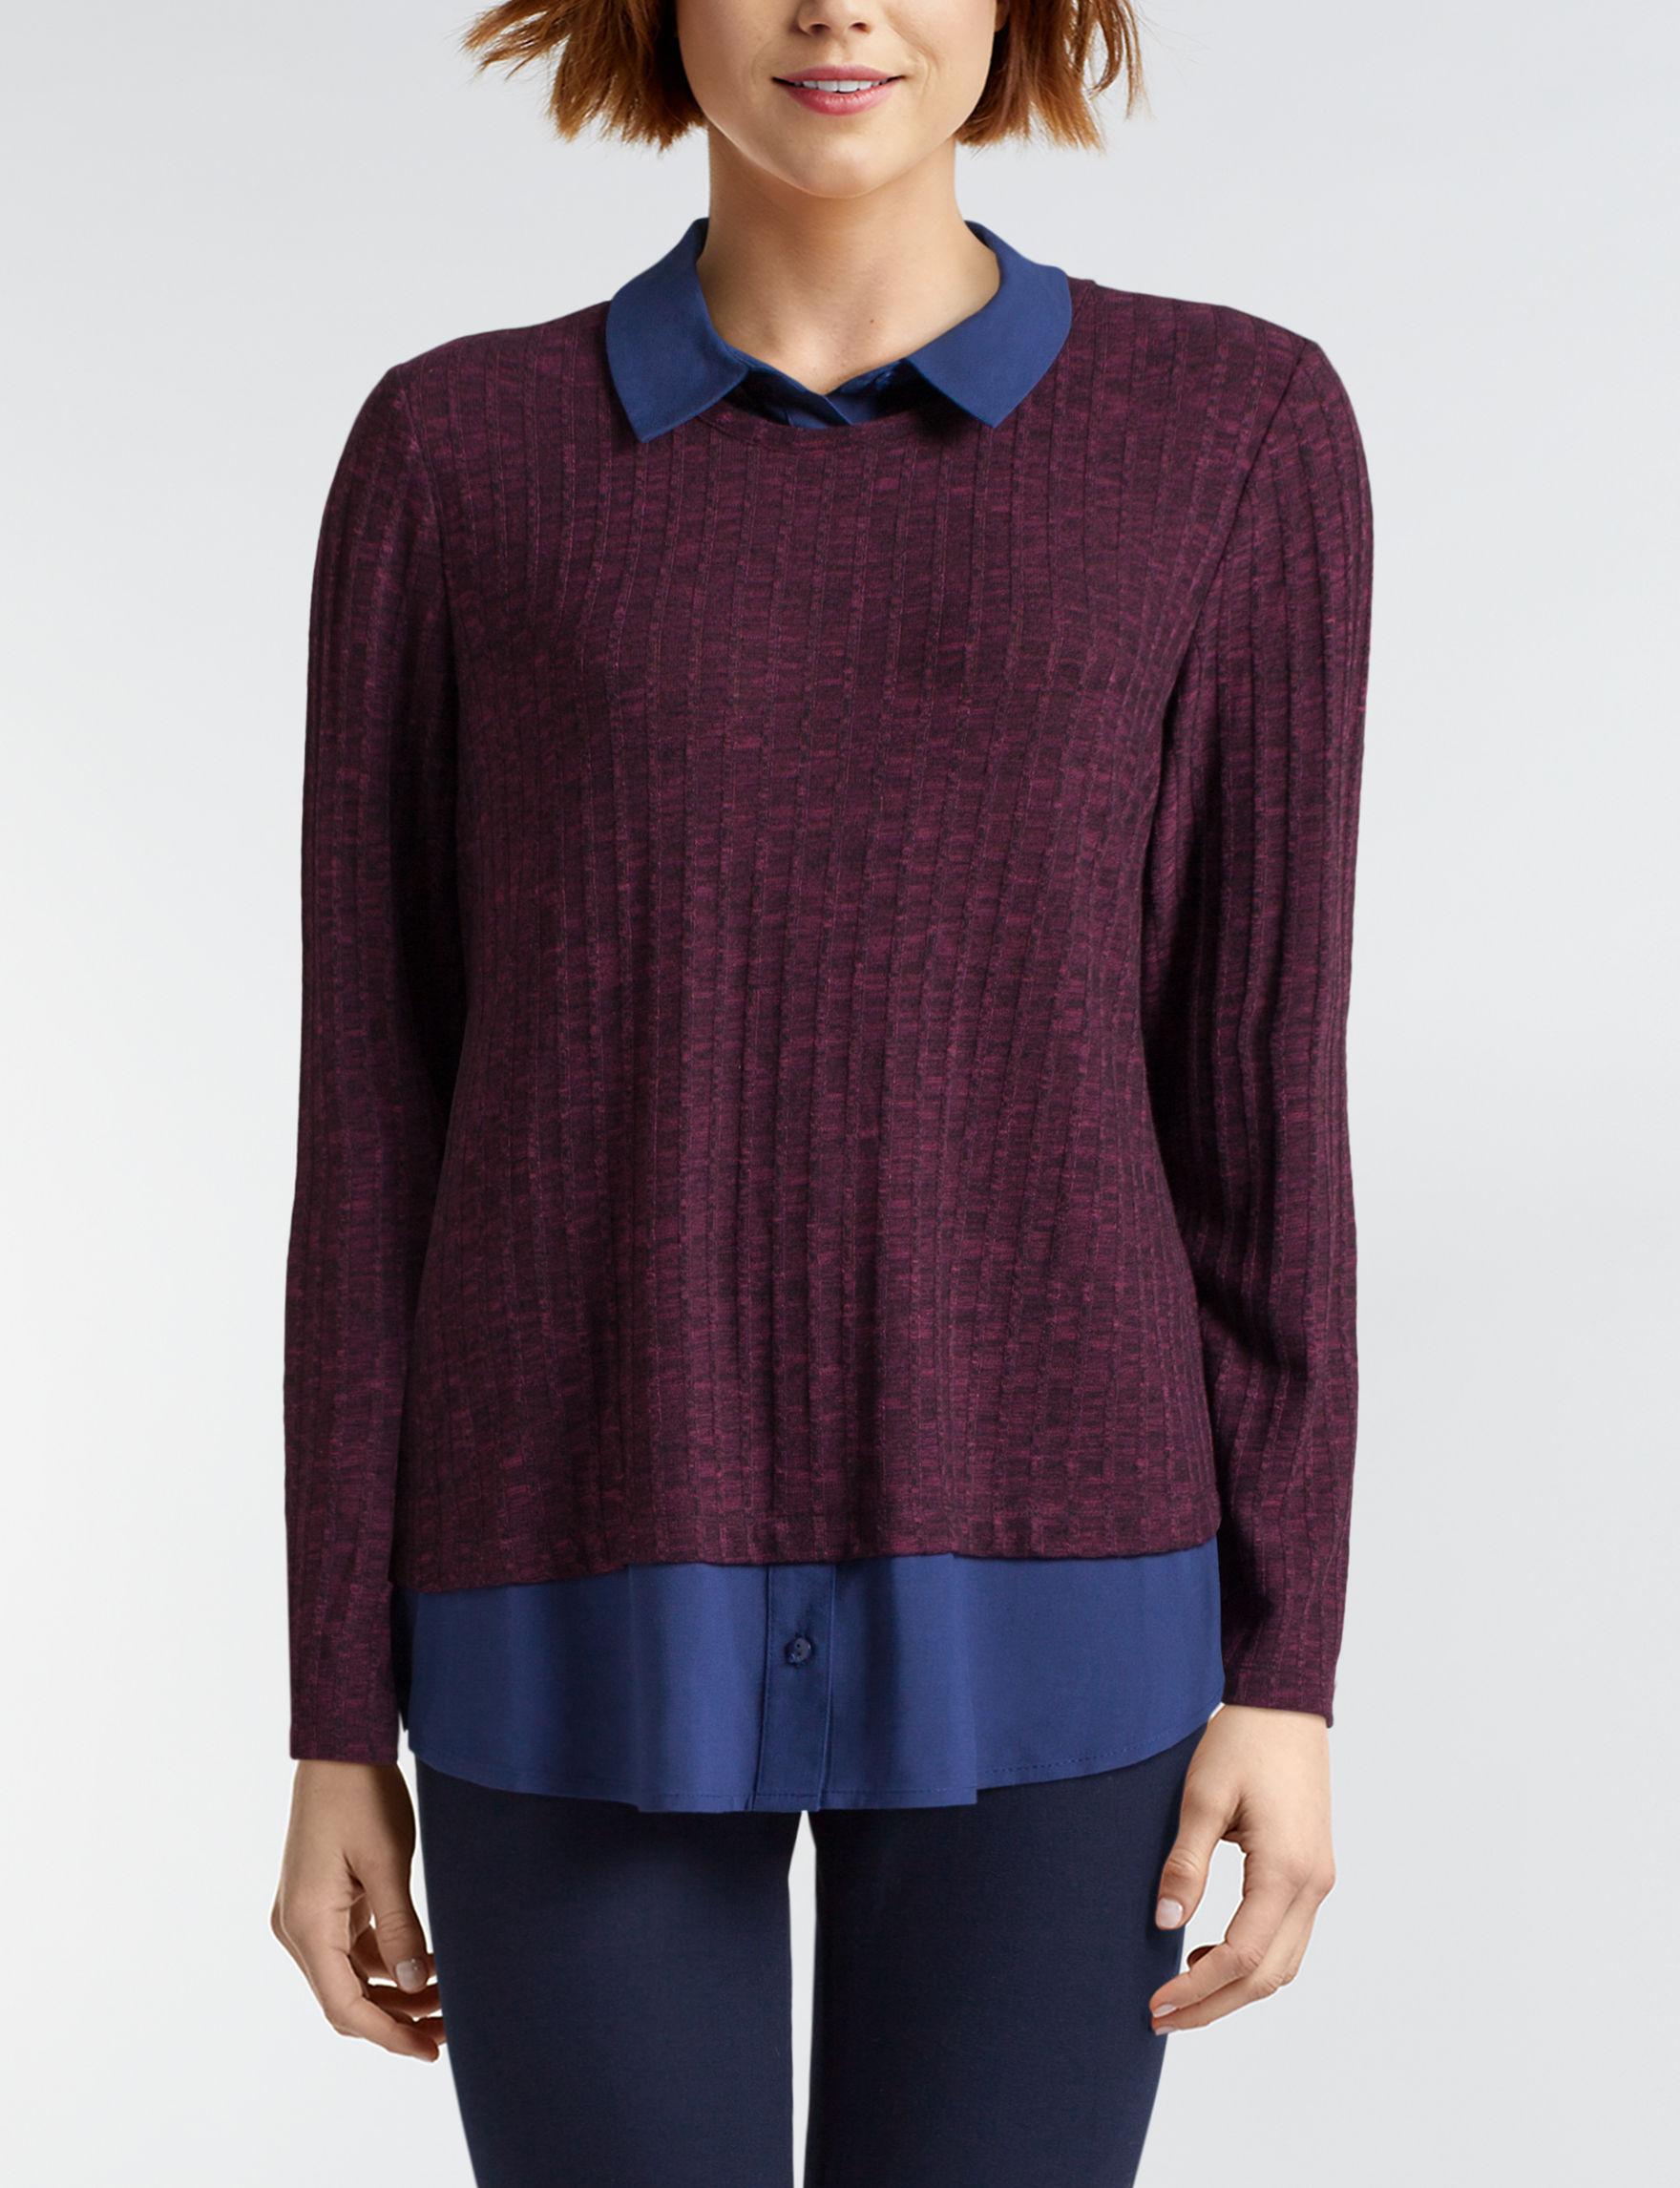 Valerie Stevens Navy/ Burgundy Shirts & Blouses